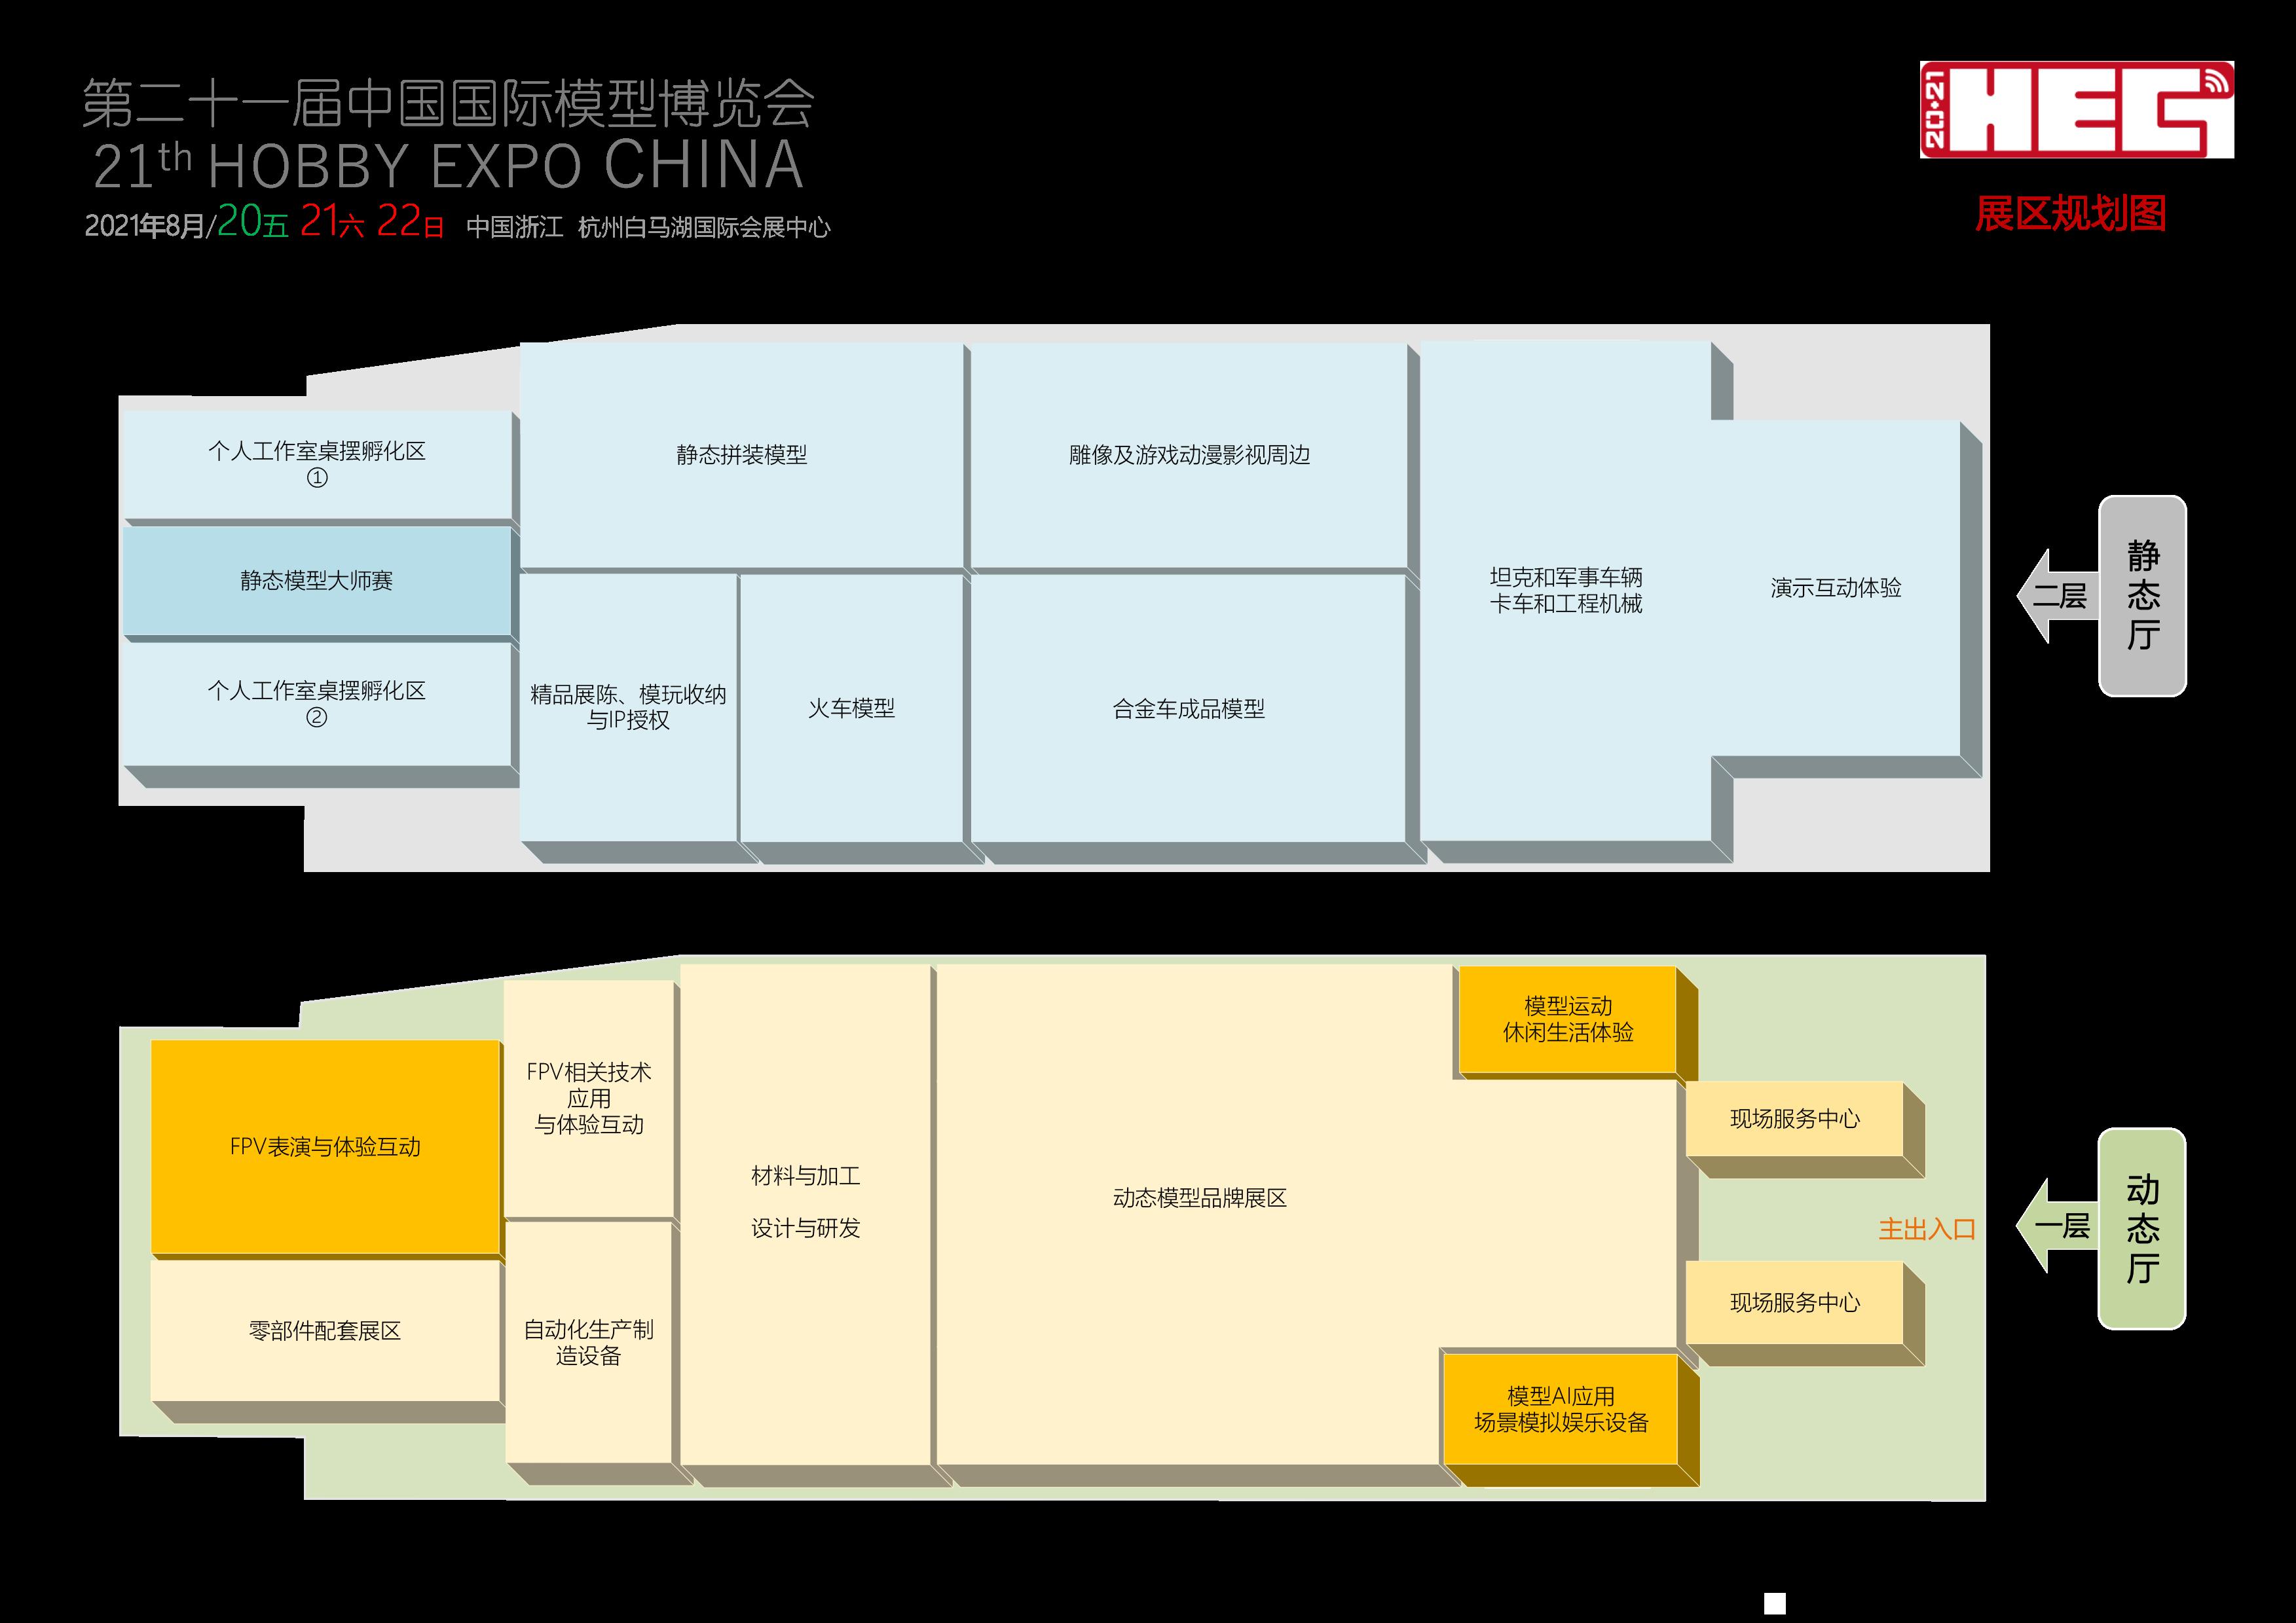 中國國際模型博覽會HEC